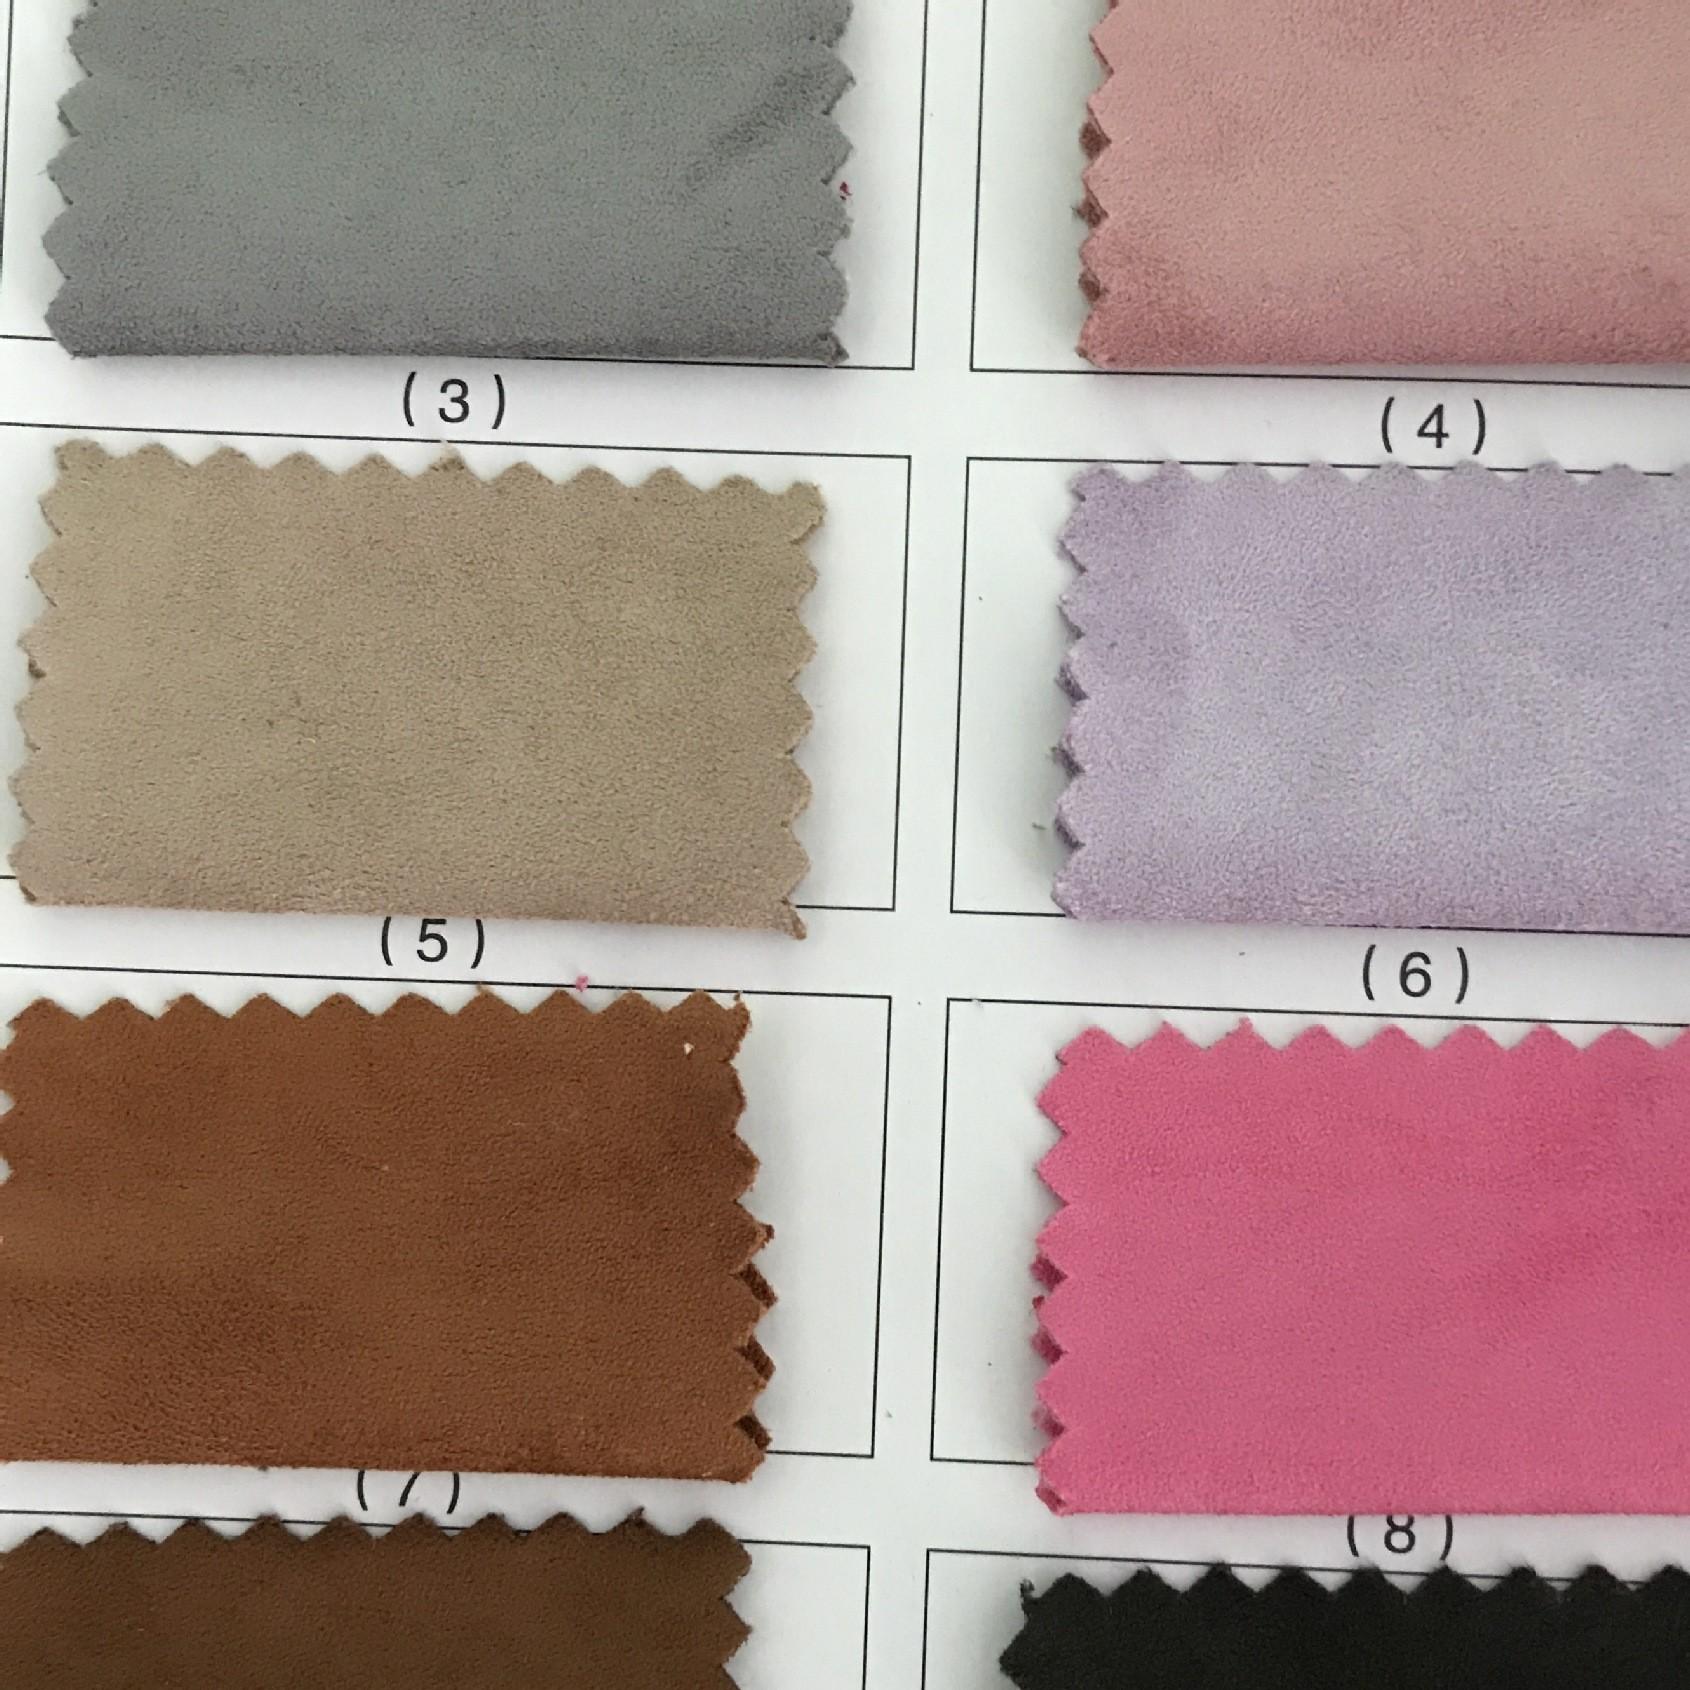 厂家直销 现货批发 麻丝绒纯色 现代简约遮光布窗帘布加工成品